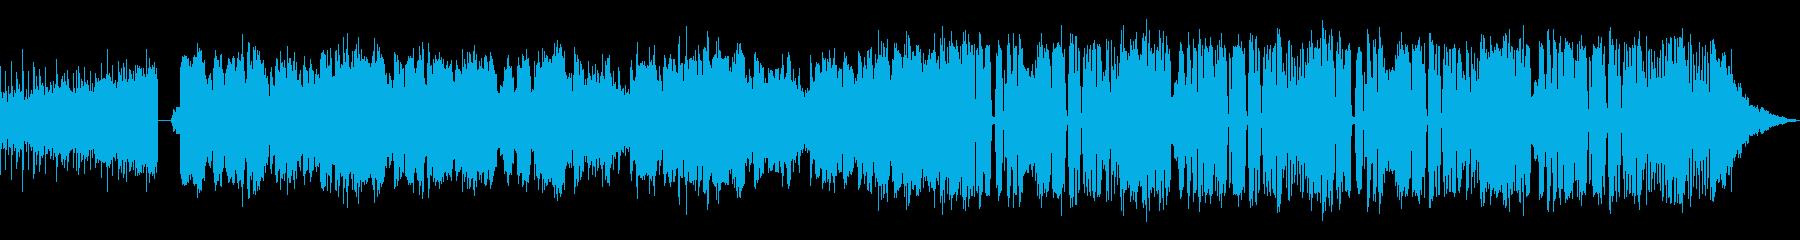 eスポーツ大会EDM メロ無し 60秒の再生済みの波形